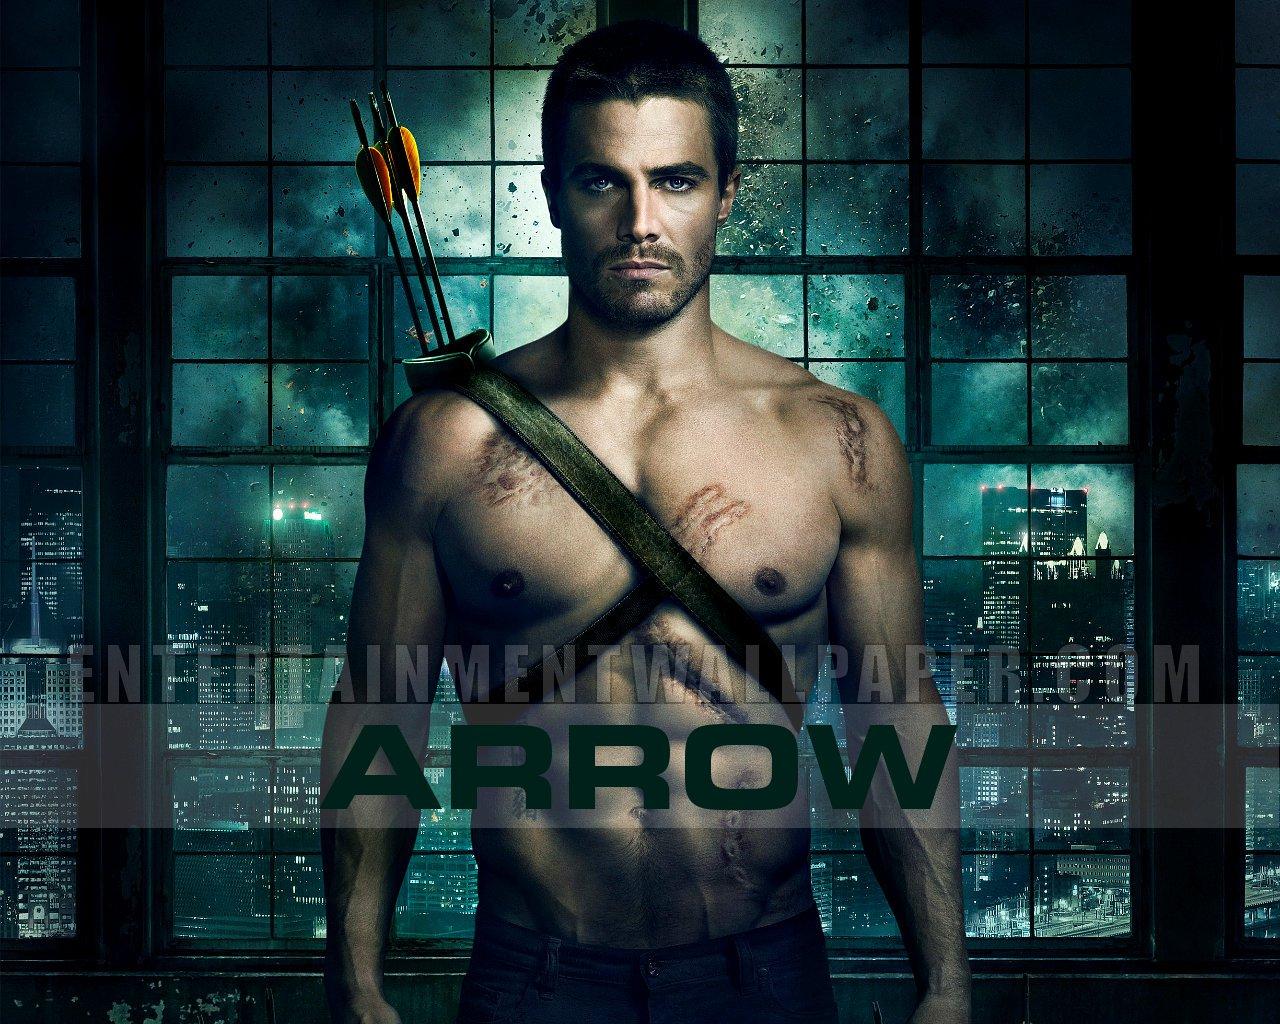 tv show arrow wallpaper 20035632 size 1280x1024 more arrow wallpaper 1280x1024